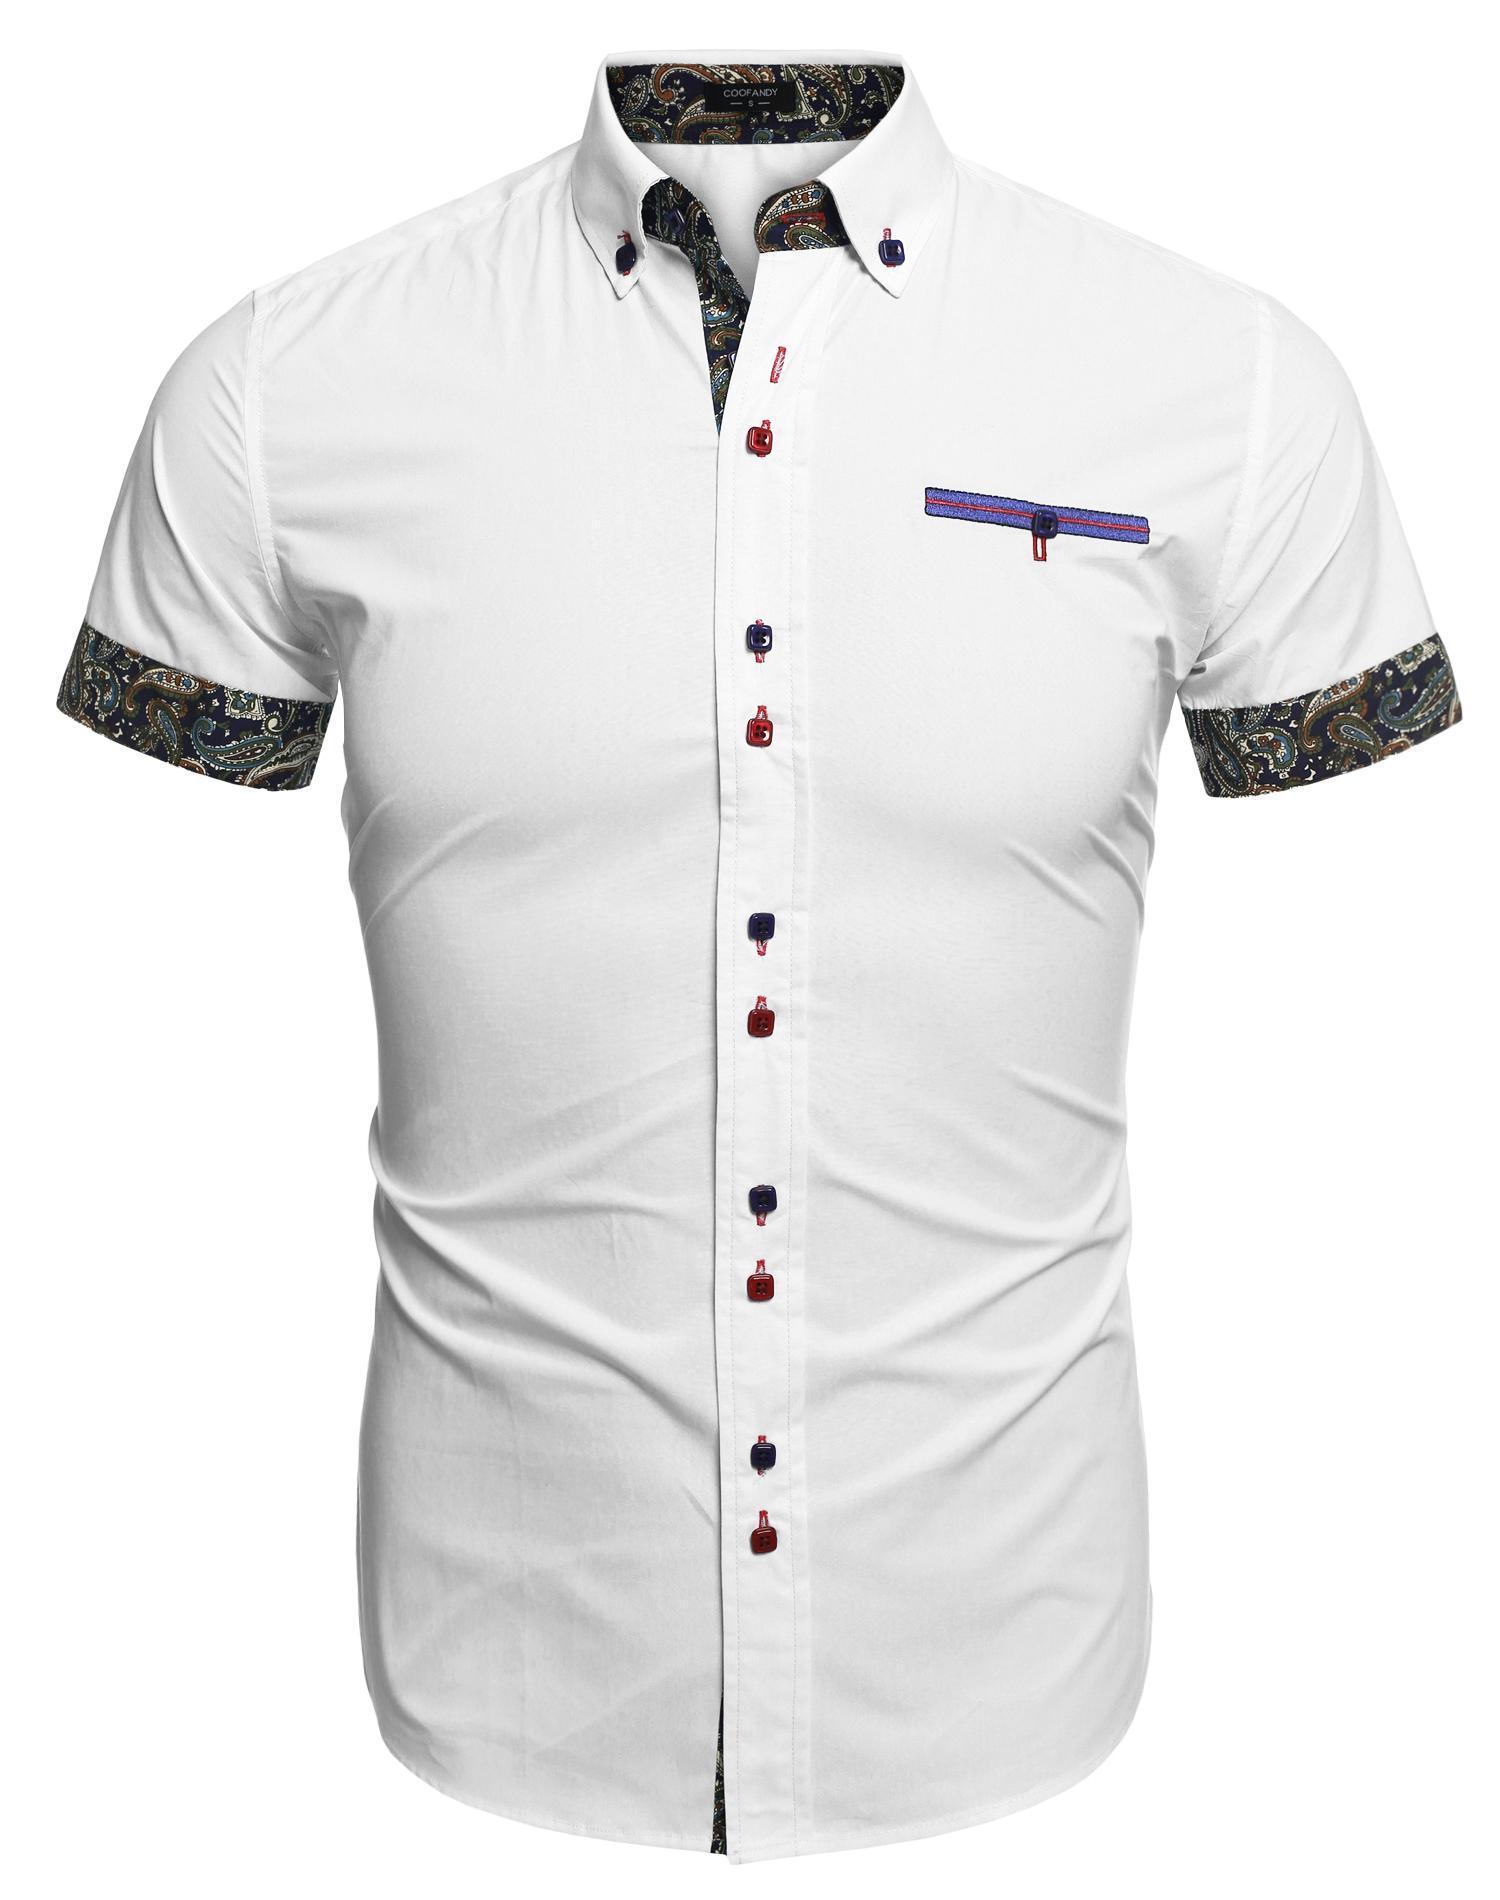 LBL T-Shirt Hommes /à Col Rond en Coton Manches Courtes Pack Regular Lot de 3 T-Shirt